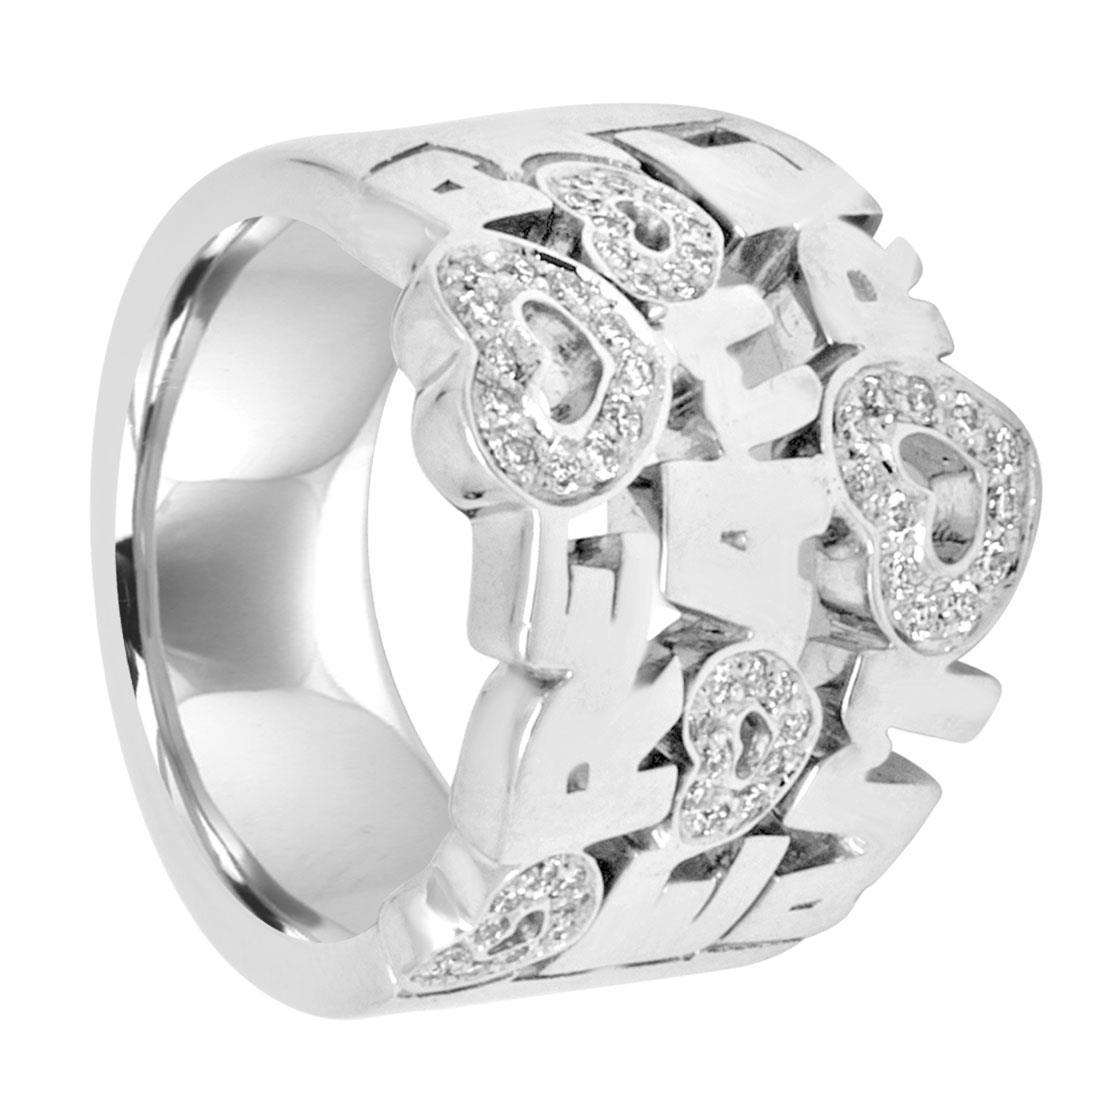 Anello in oro bianco con diamanti - PASQUALE BRUNI